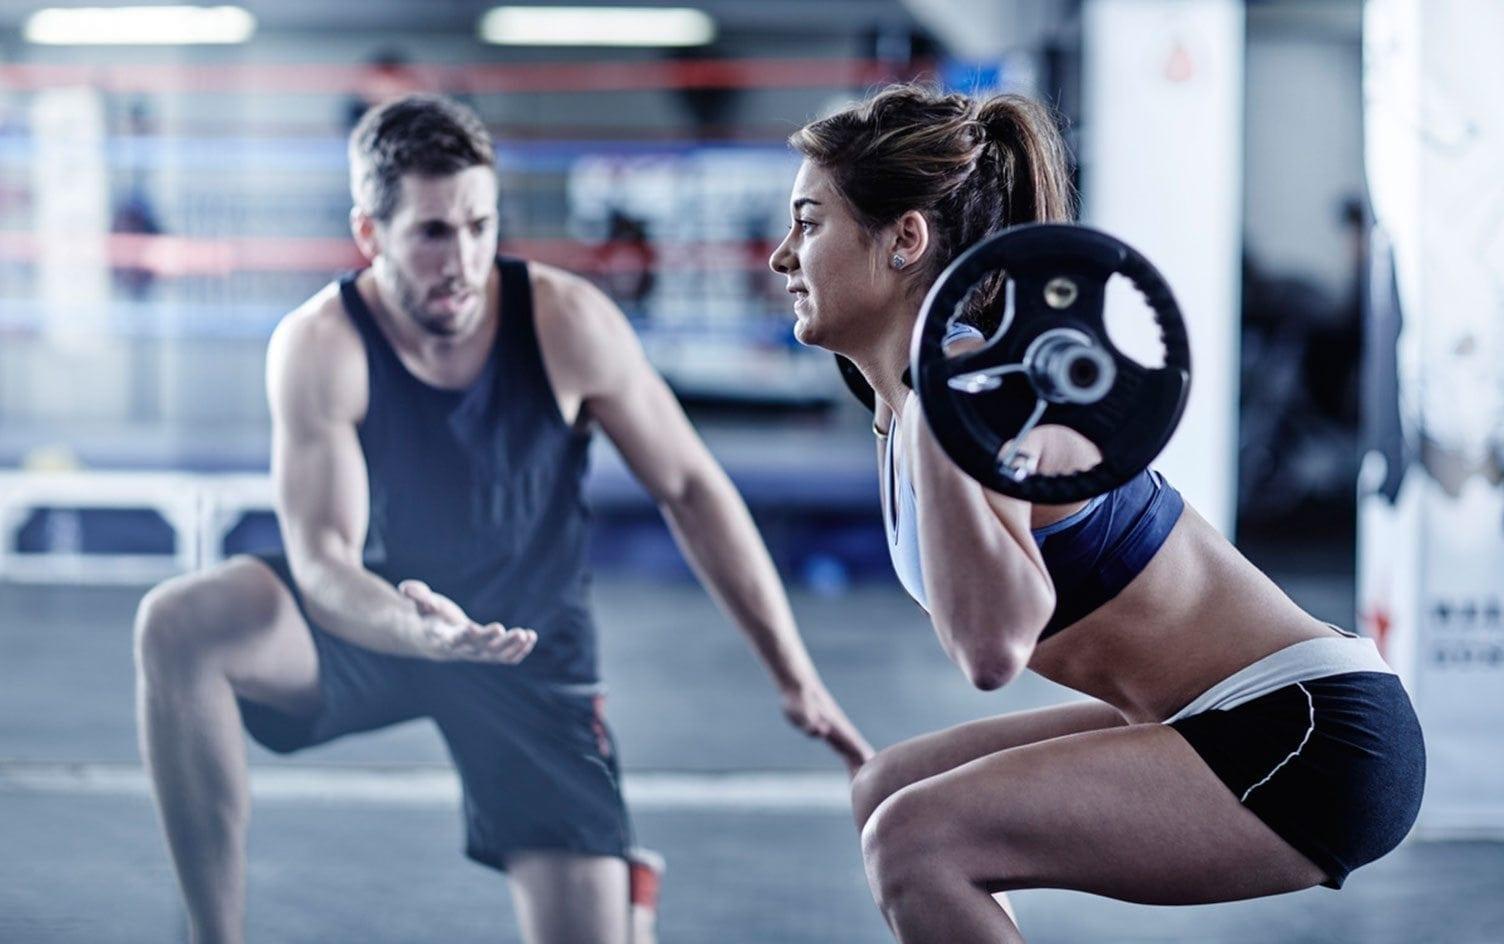 Κύρια φωτογραφία για το άρθρο: Δοκιμάσατε το Personal Training;